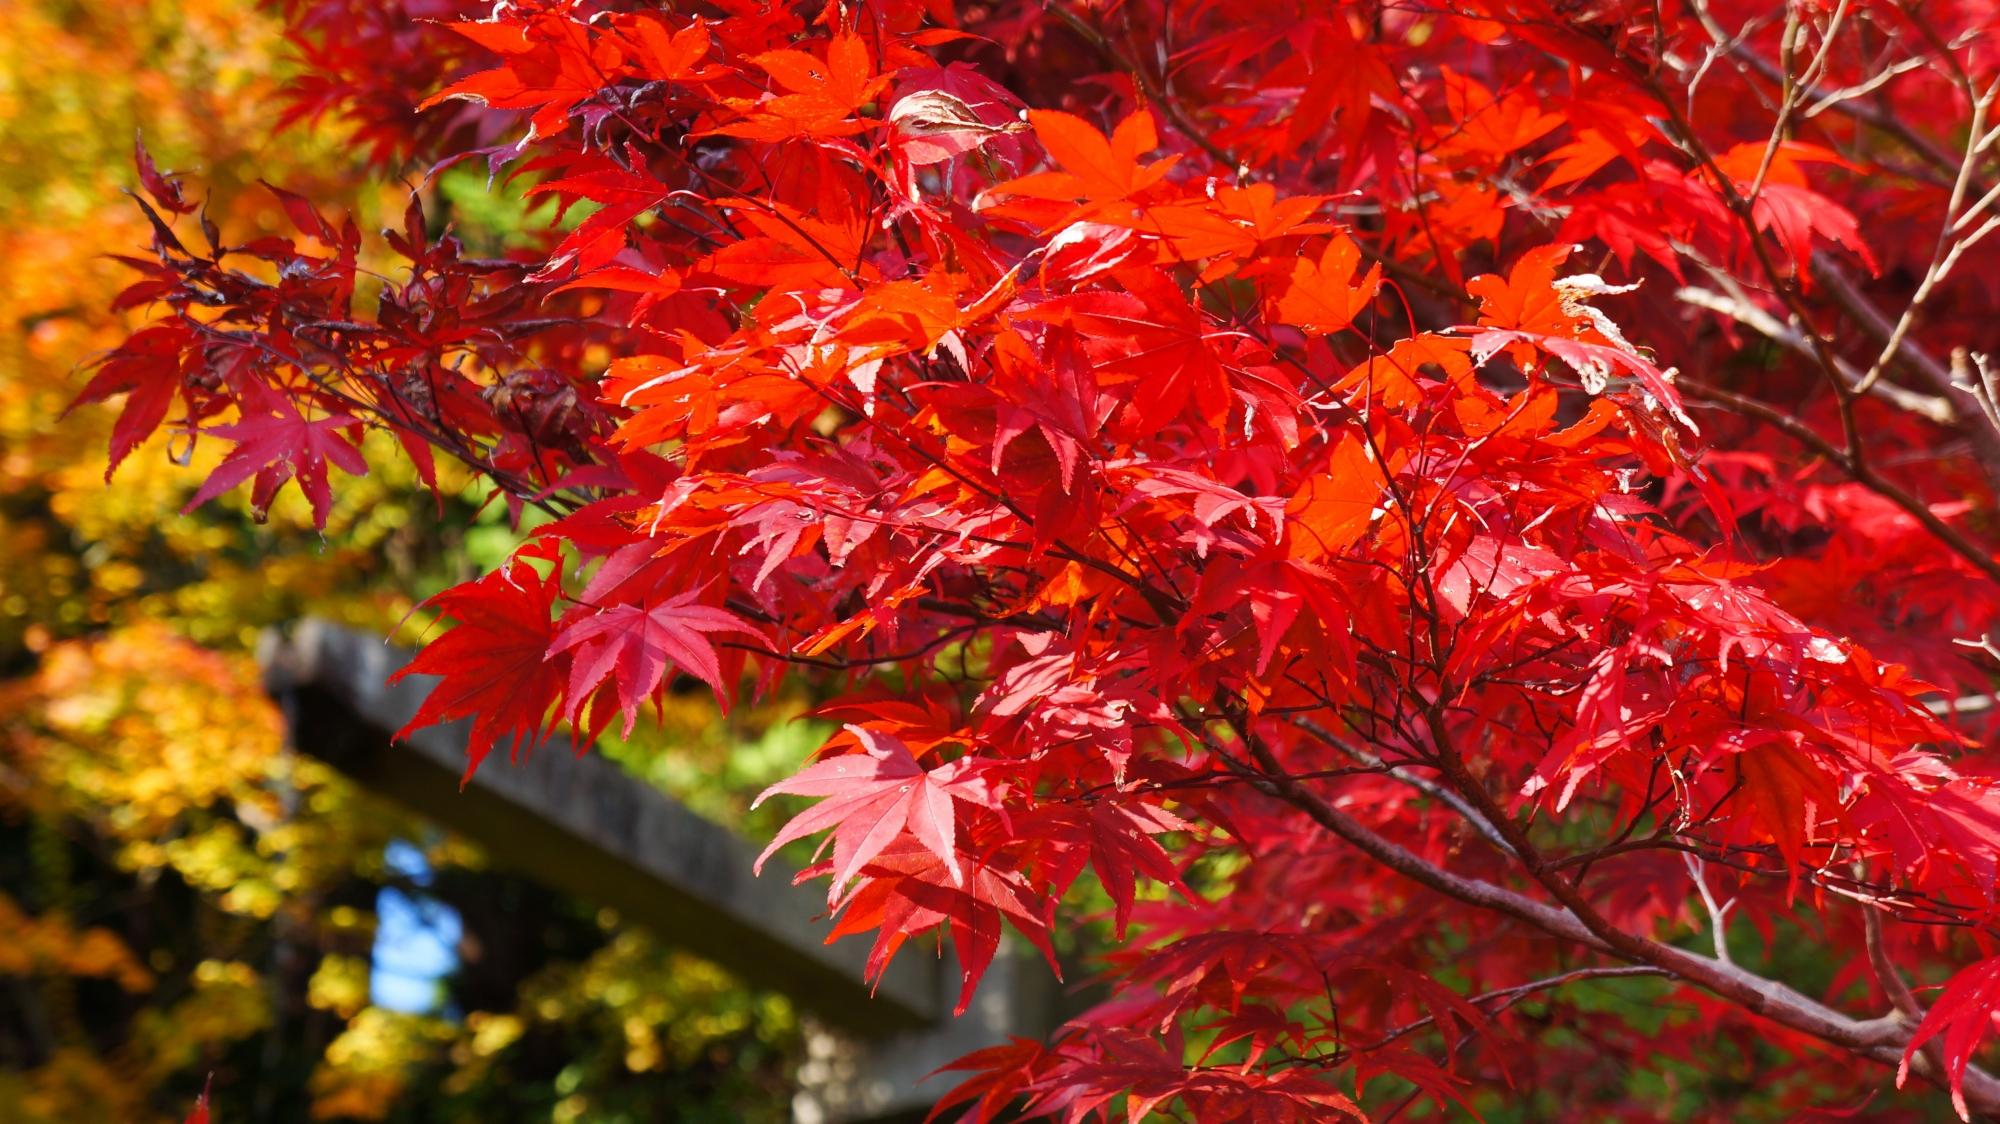 善峯寺の青蓮の滝の真っ赤な紅葉